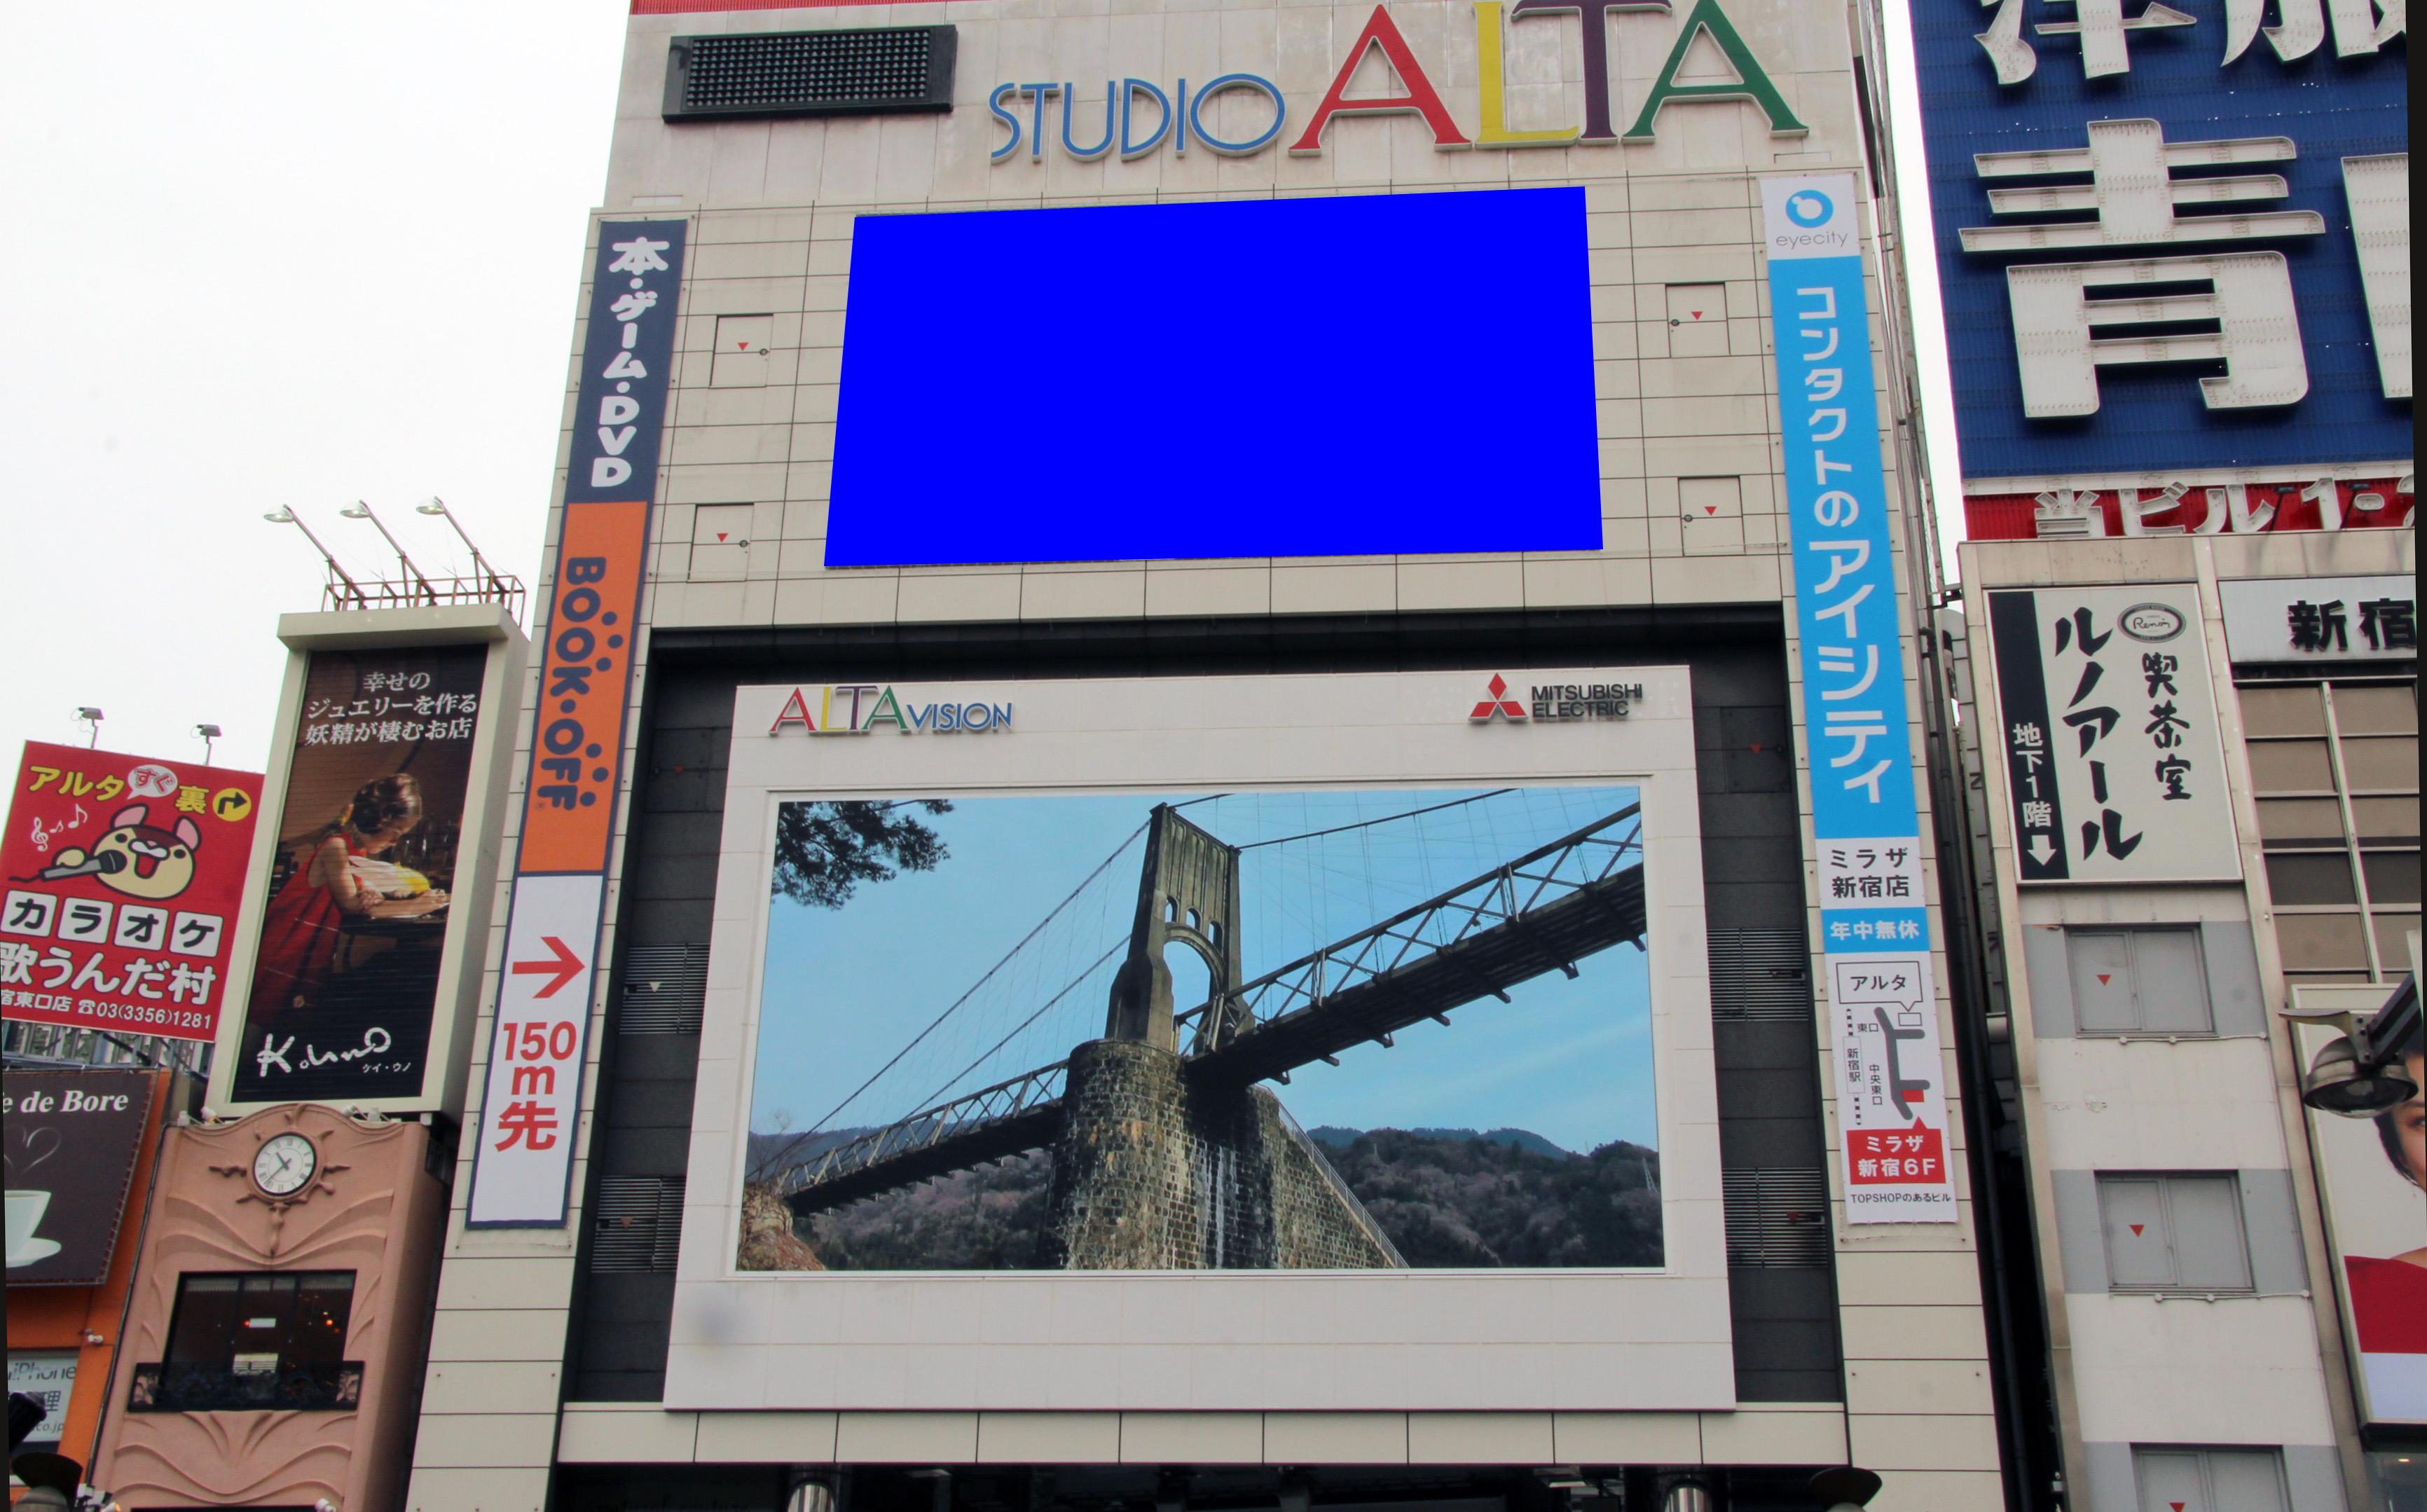 新宿東口 アルタ壁面 スペースアド